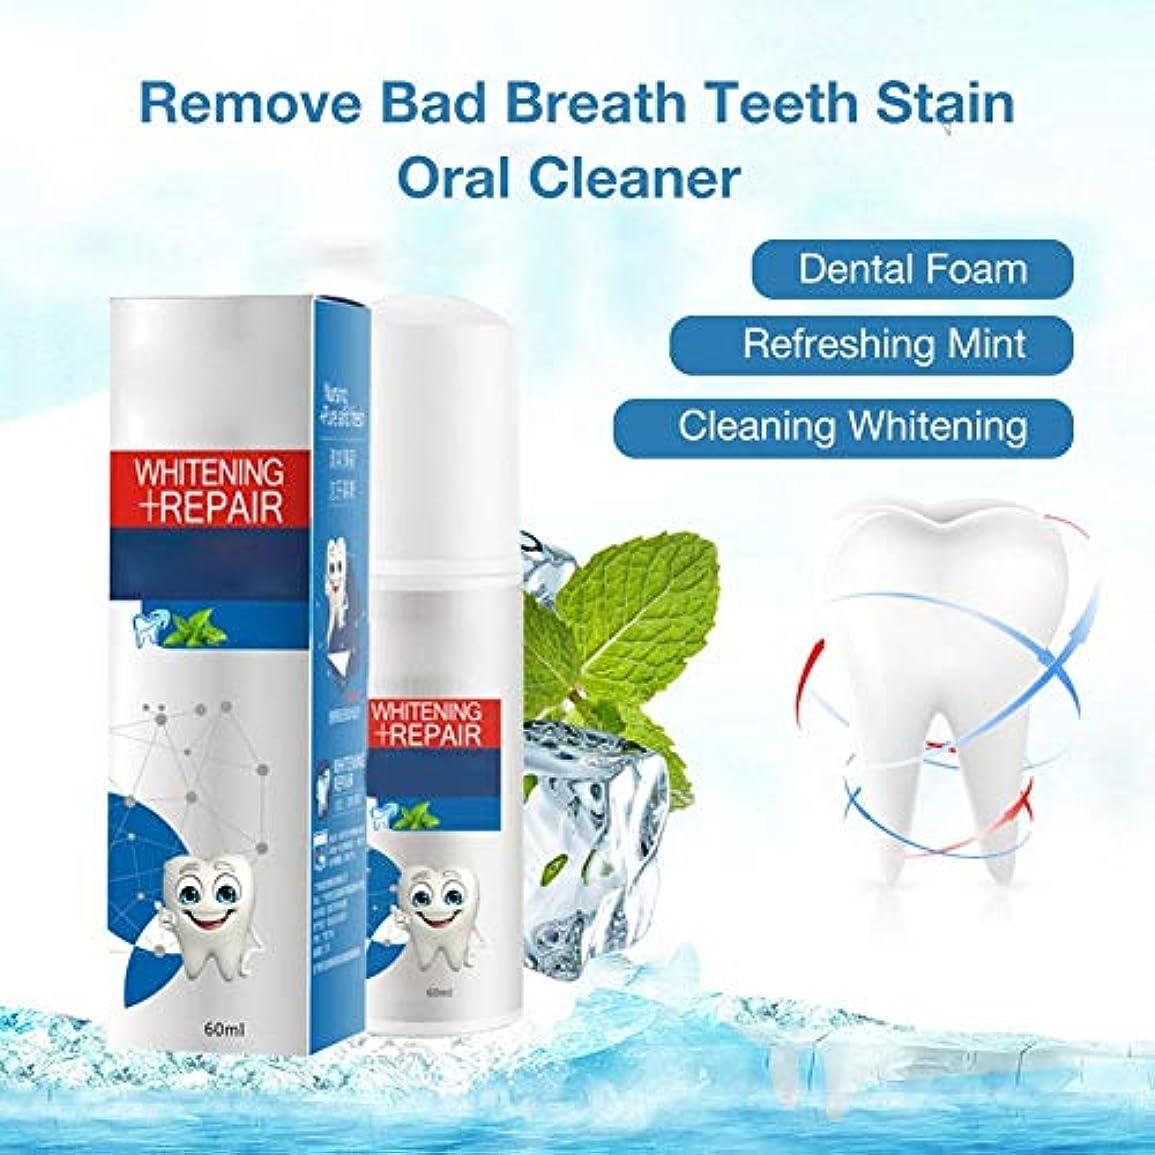 リズミカルな中止しますバー歯科用フォーム液体歯磨 クリアクリーン デンタル 洗口液 ホワイトニング マウスウォッシュ 口内洗浄液 低刺激 60ml 虫歯と戦うために